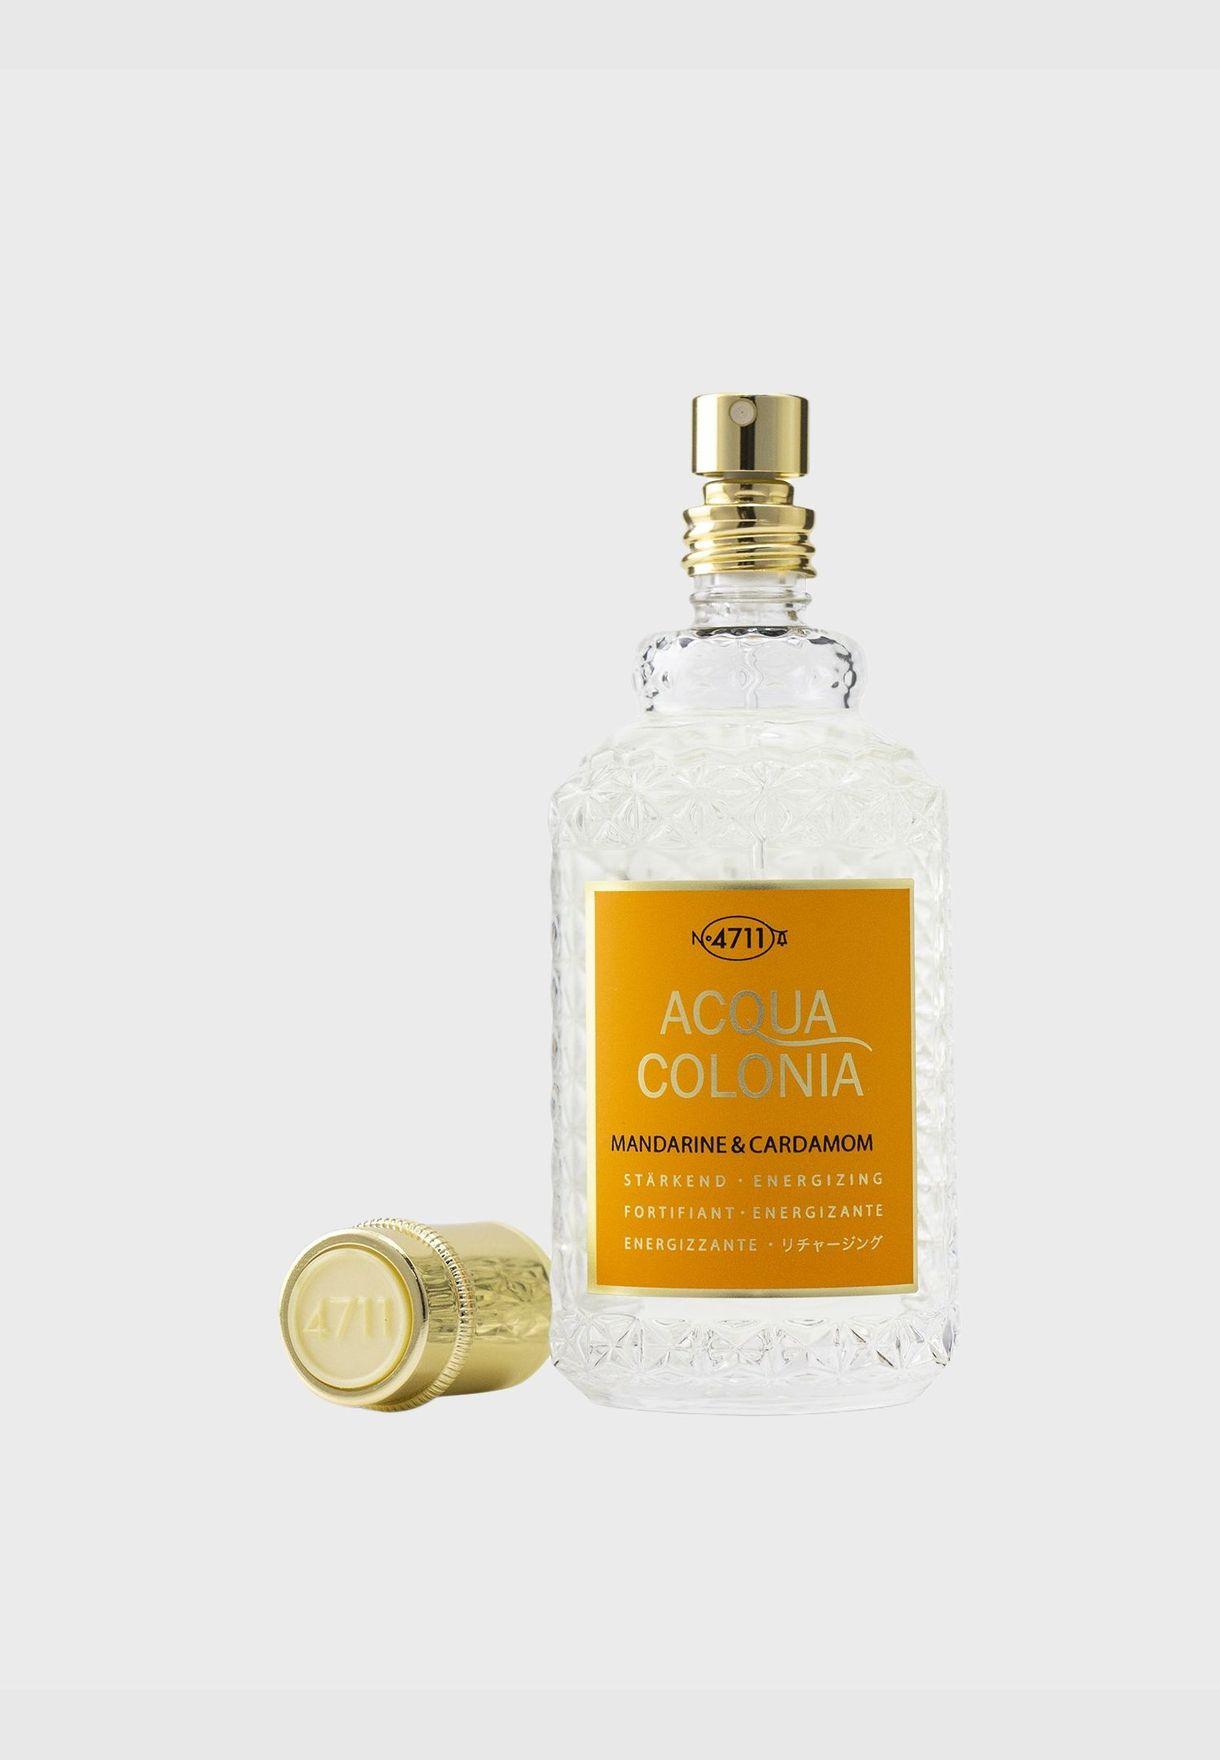 Acqua Colonia Mandarine & Cardamom Eau De Cologne Spray